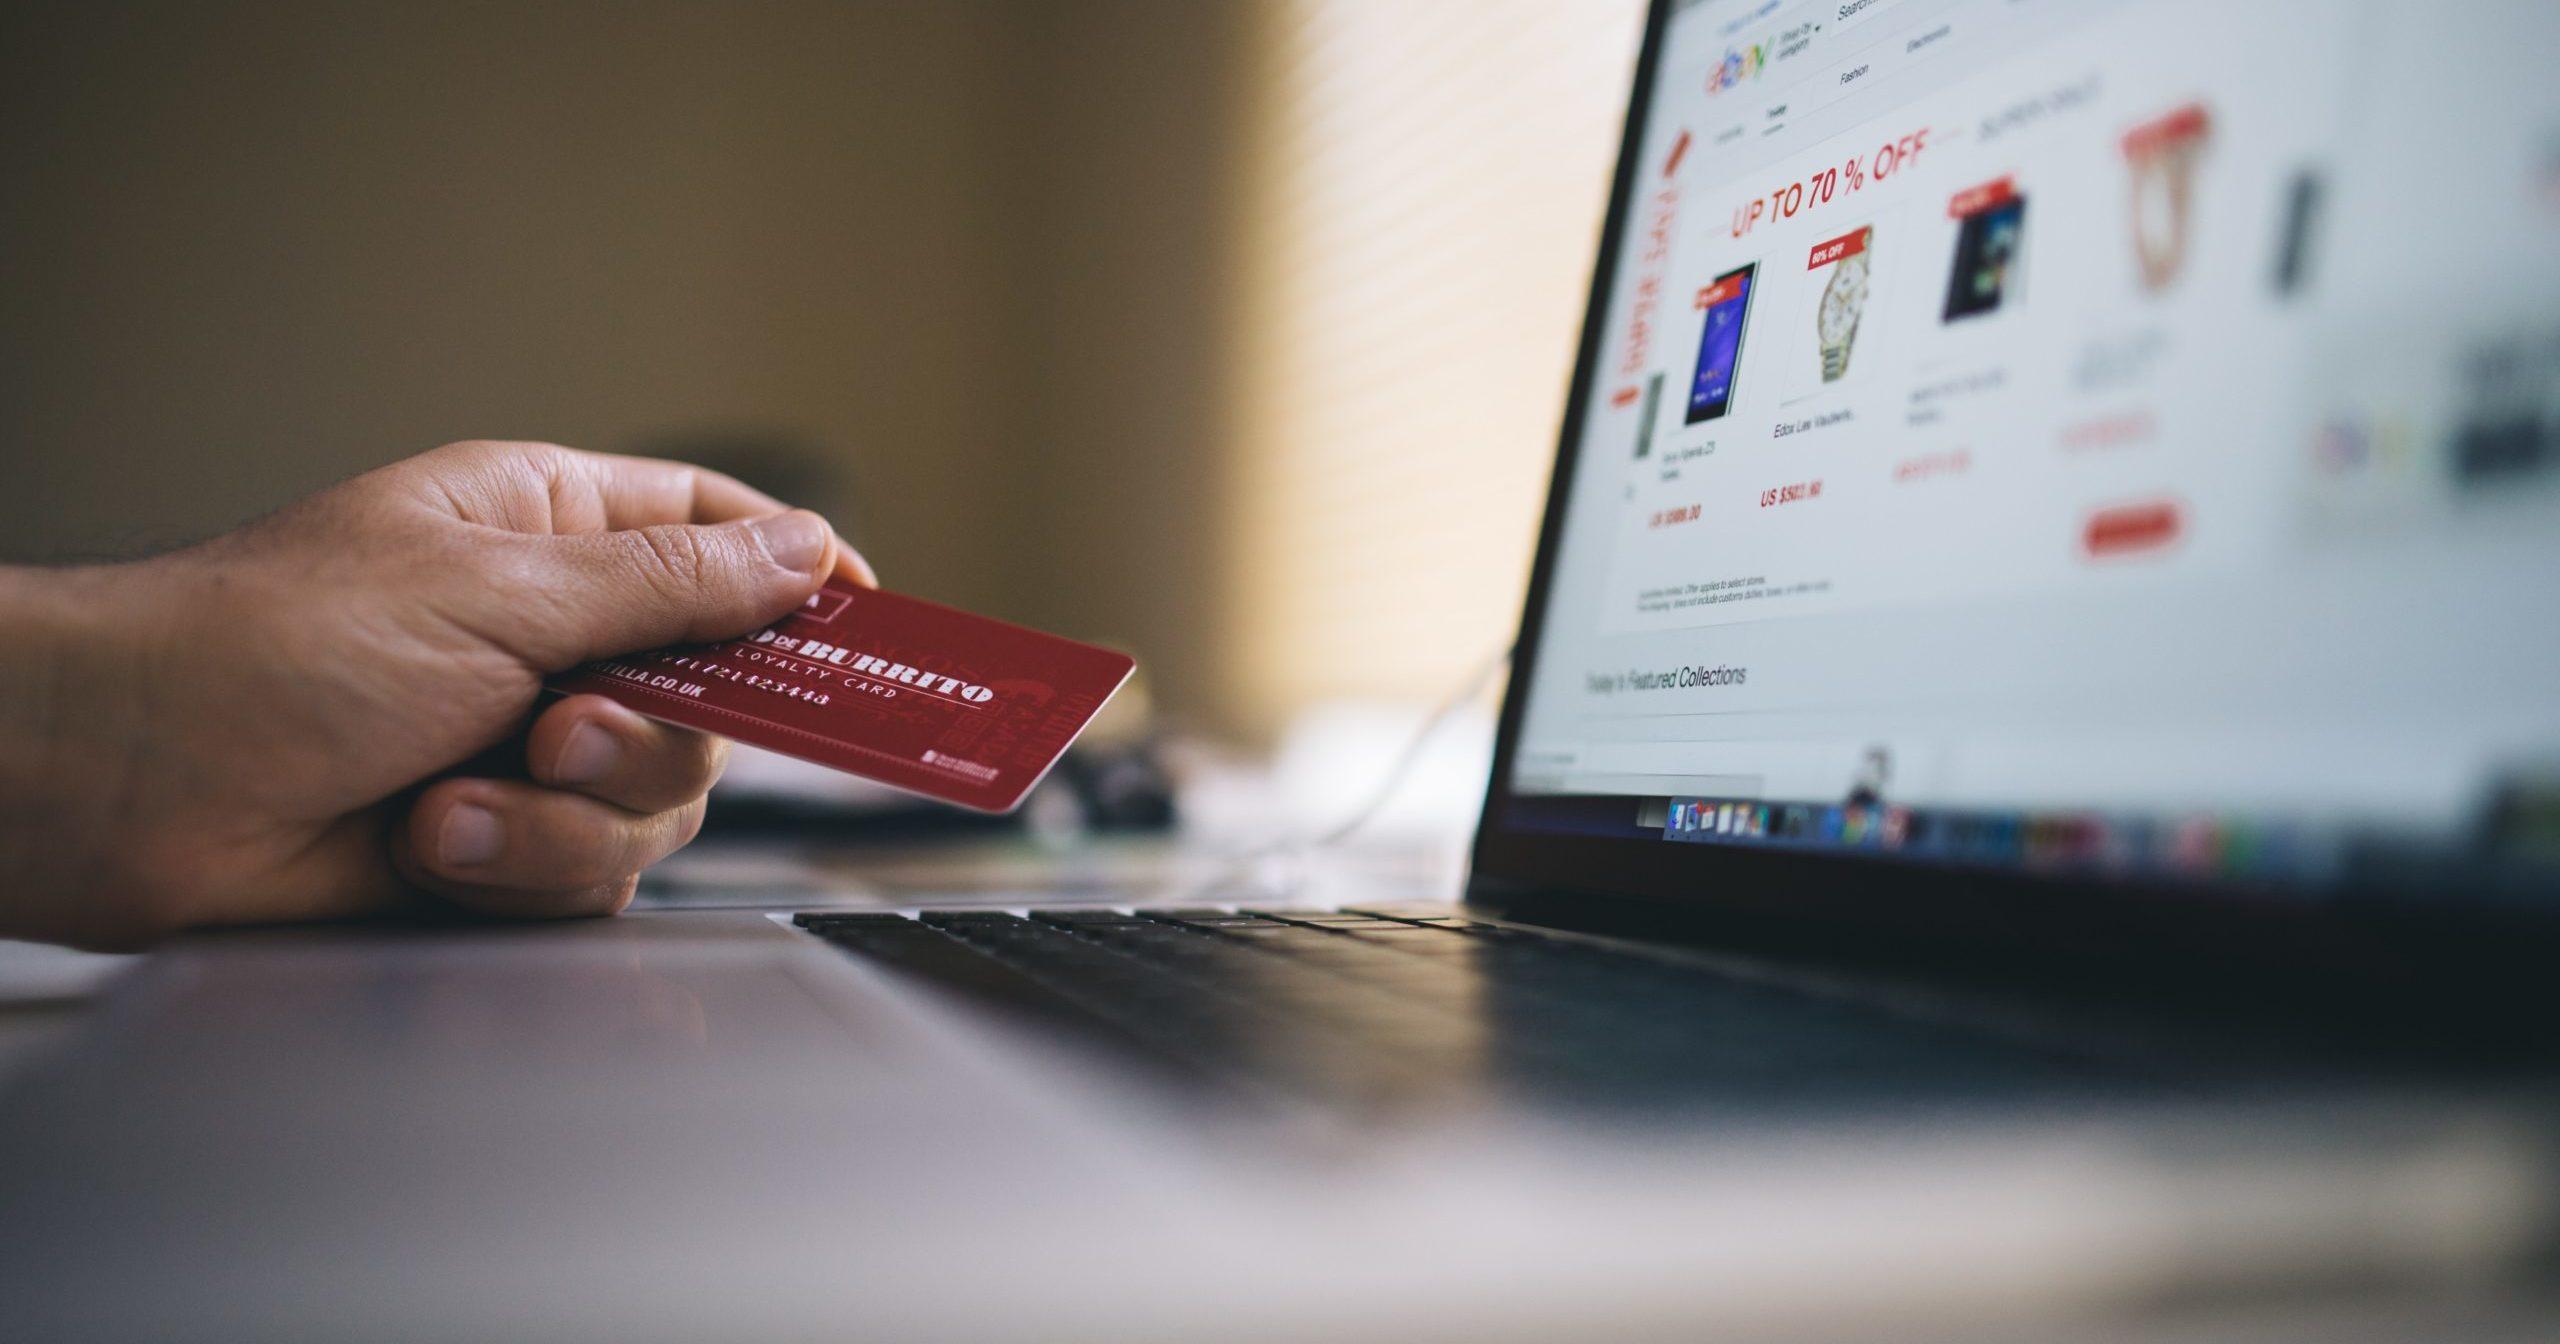 les-jeunes-accedent-aux-sites-internet-via-leurs-ordinateurs-pour-acheter-en-ligne